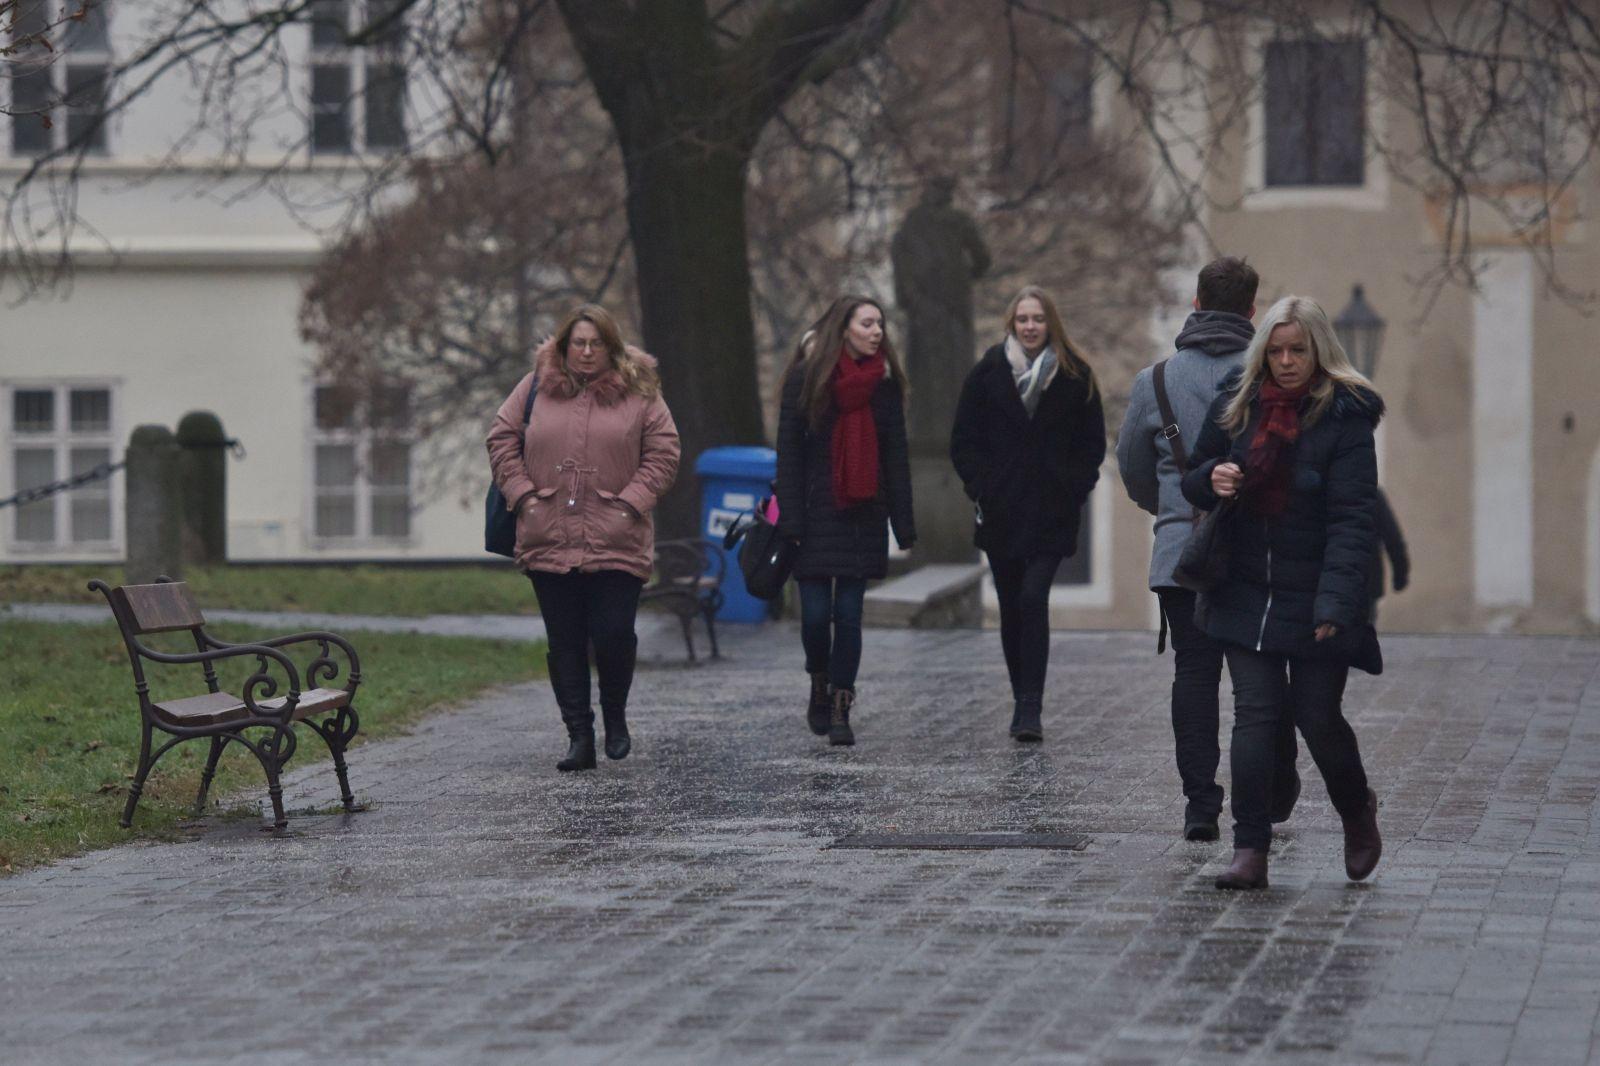 Desiatky ľudí sa zranili na poľadovici v Bratislave